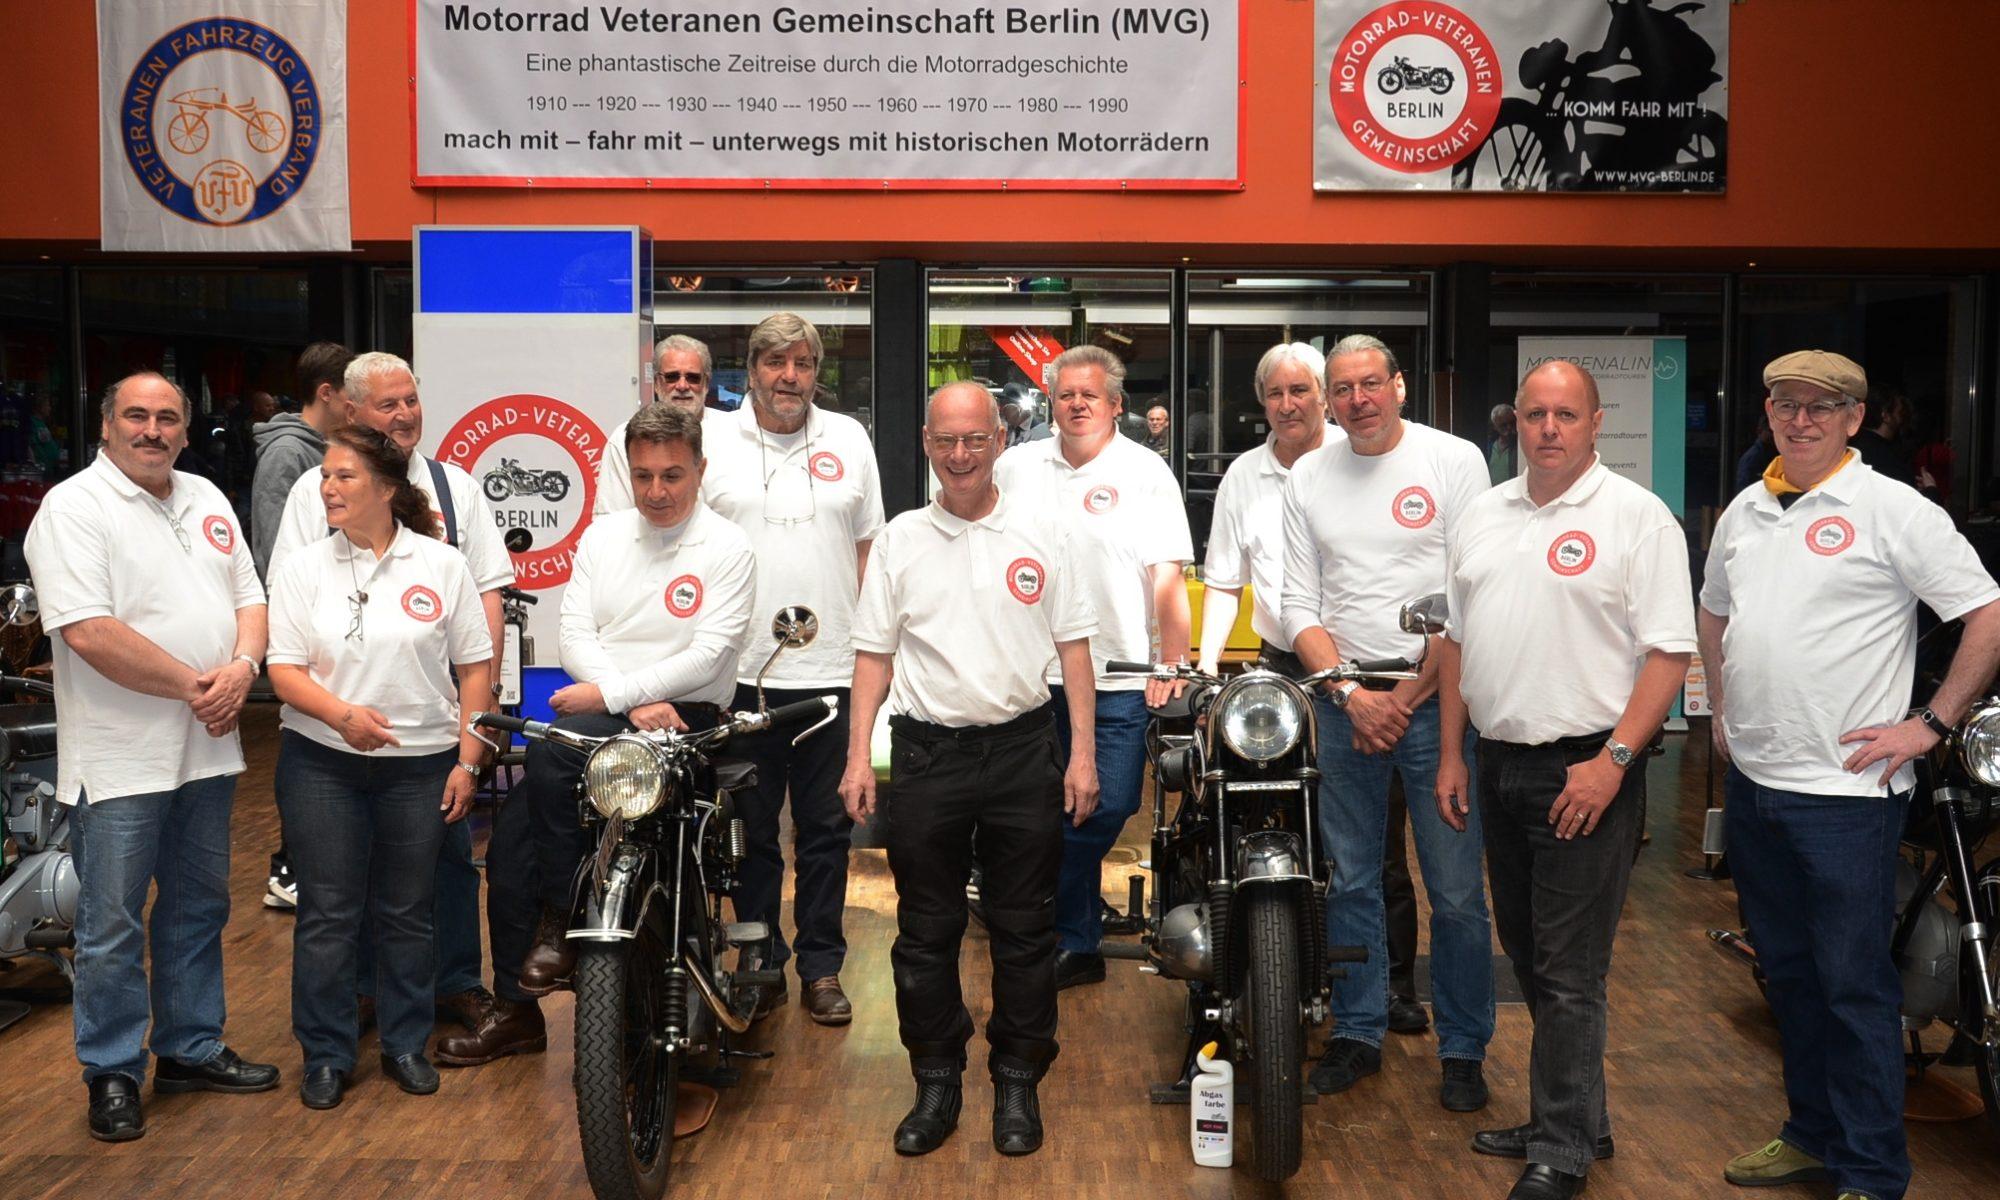 Motorrad Veteranen Gemeinschaft Berlin